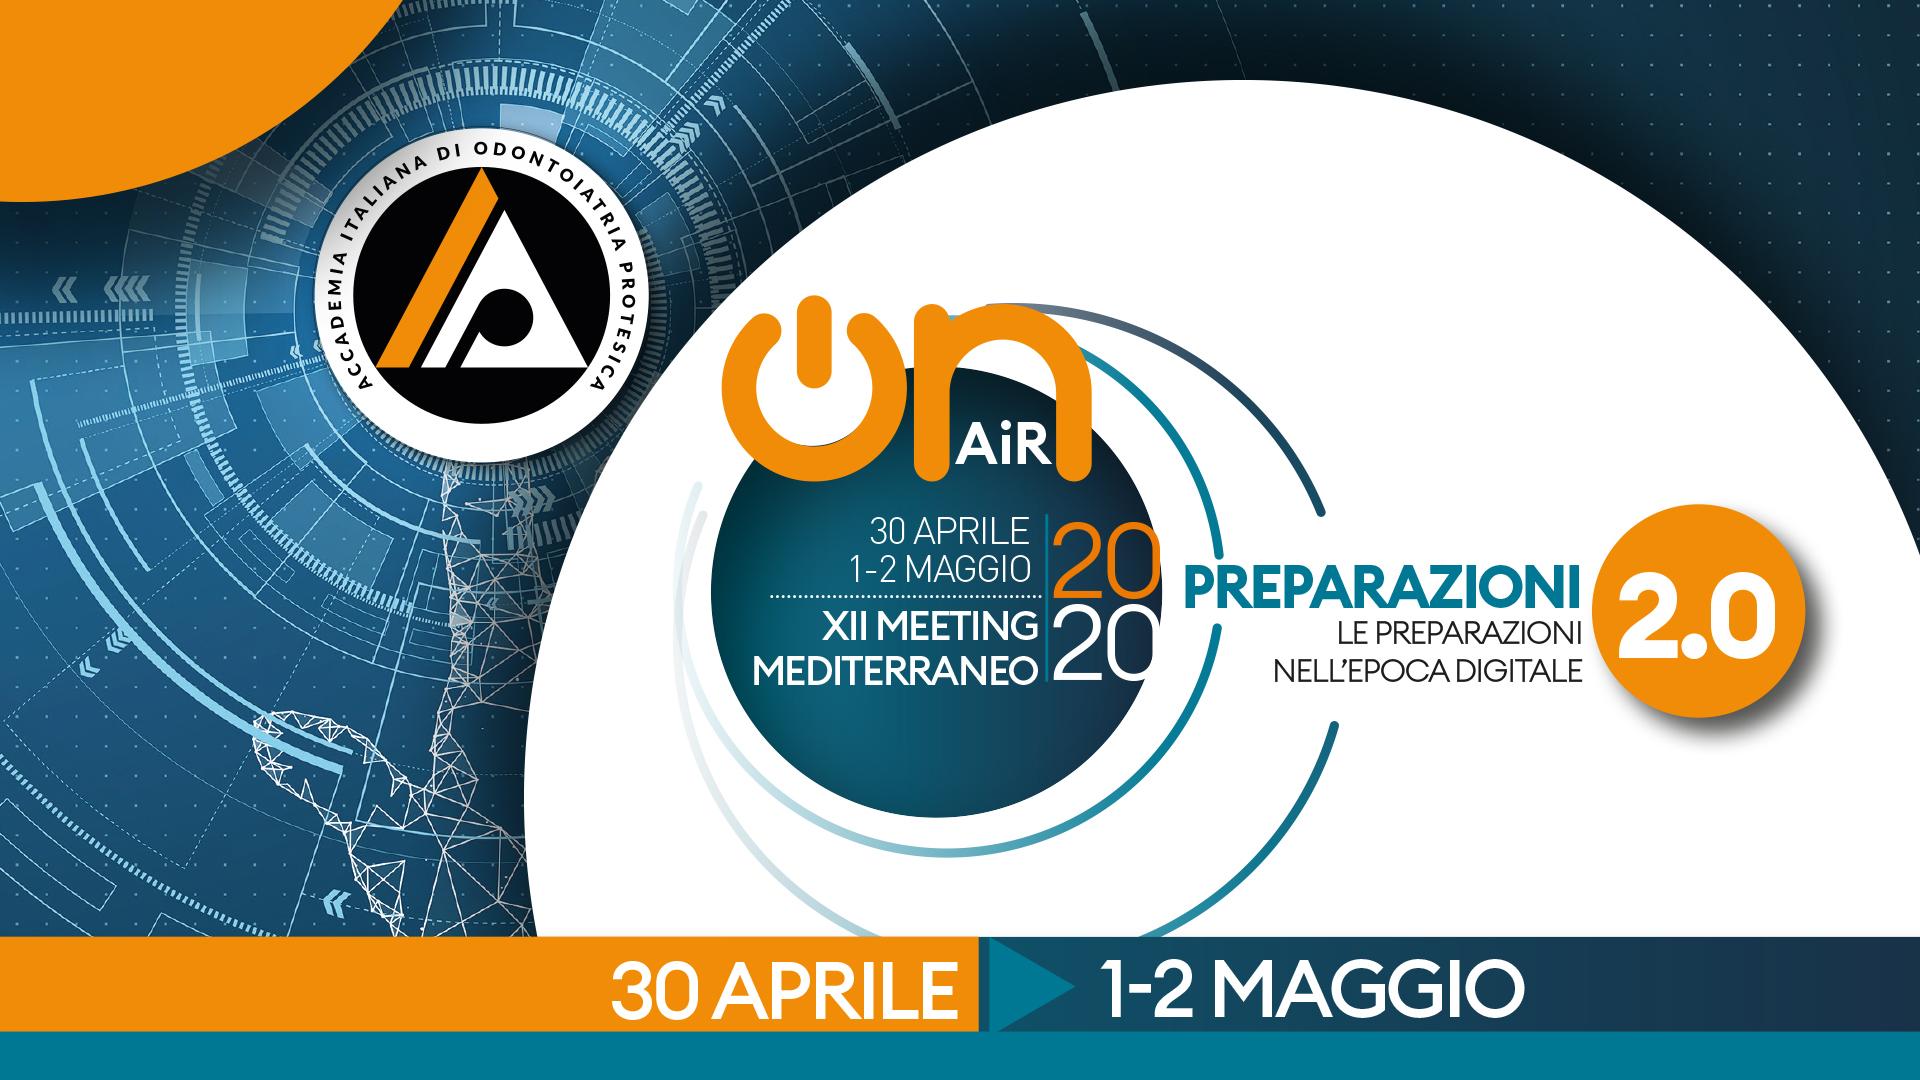 XII Meeting Mediterraneo: Preparazioni 2.0 – Le preparazioni nell'epoca digitale